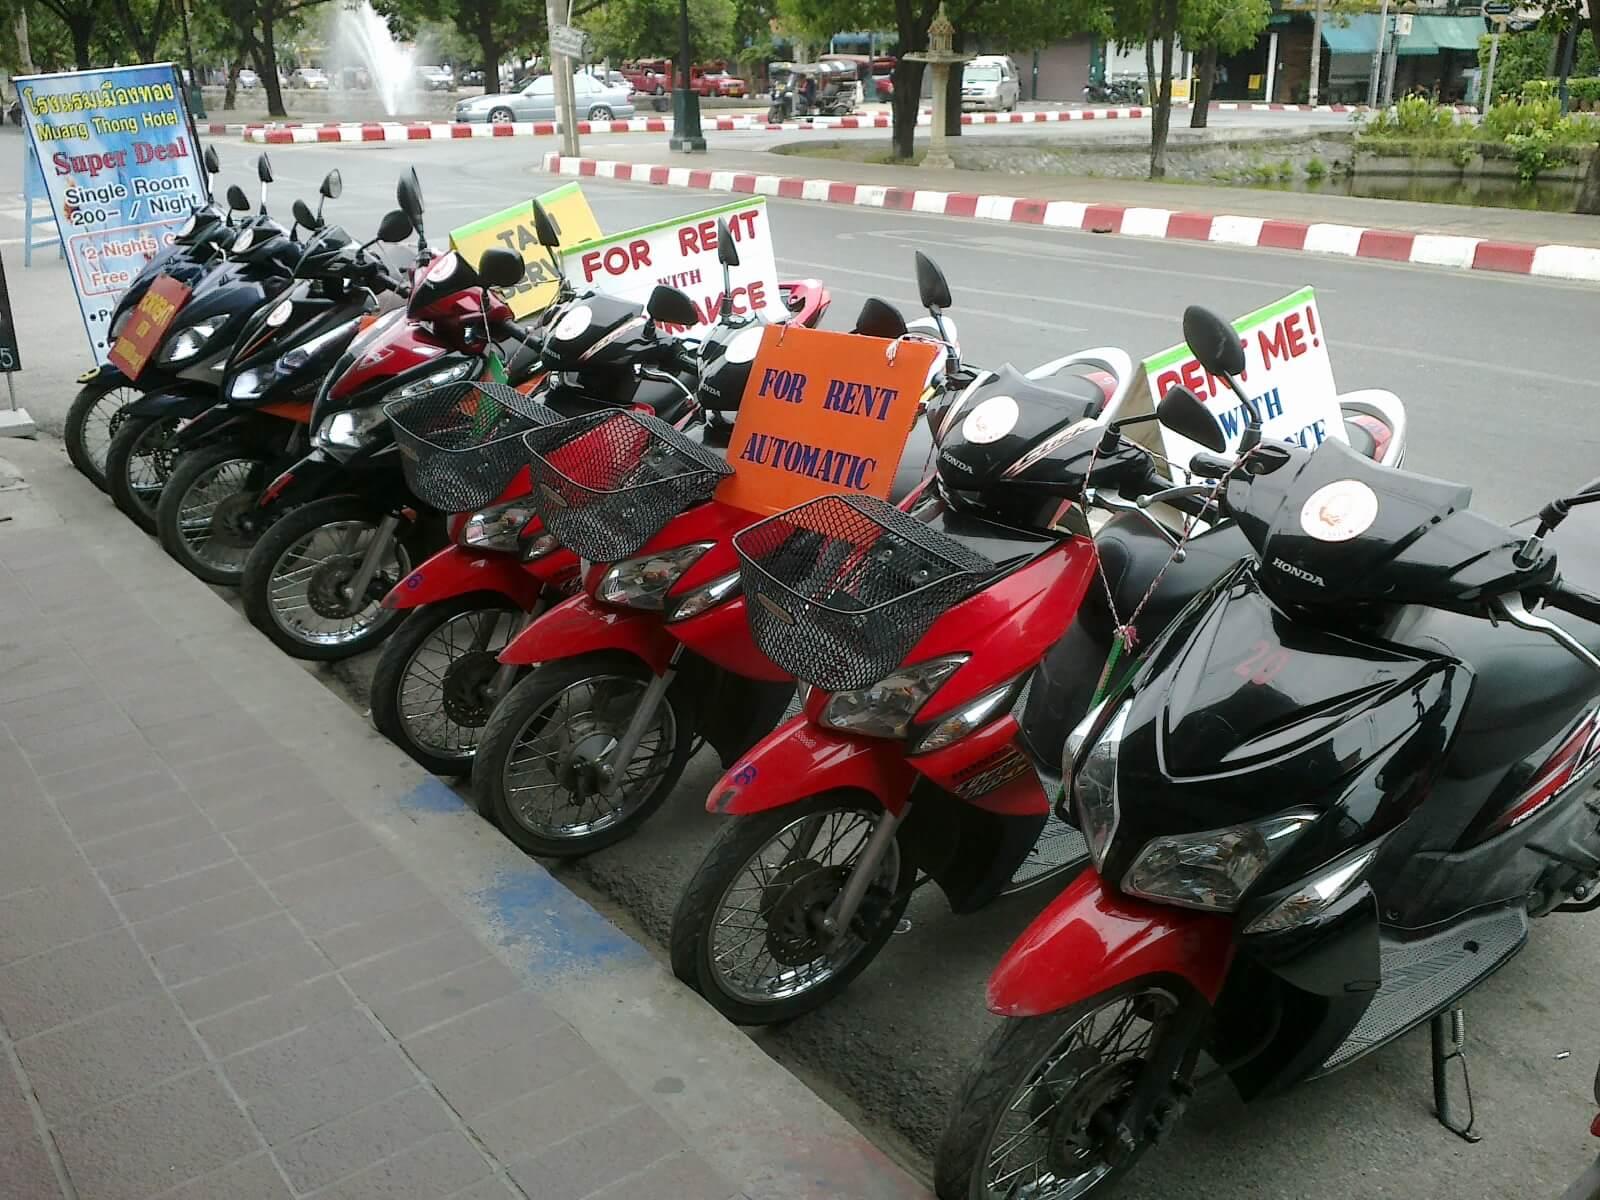 Thuê xe máy ở cửa hàng trên đường Nguyễn Văn Linh